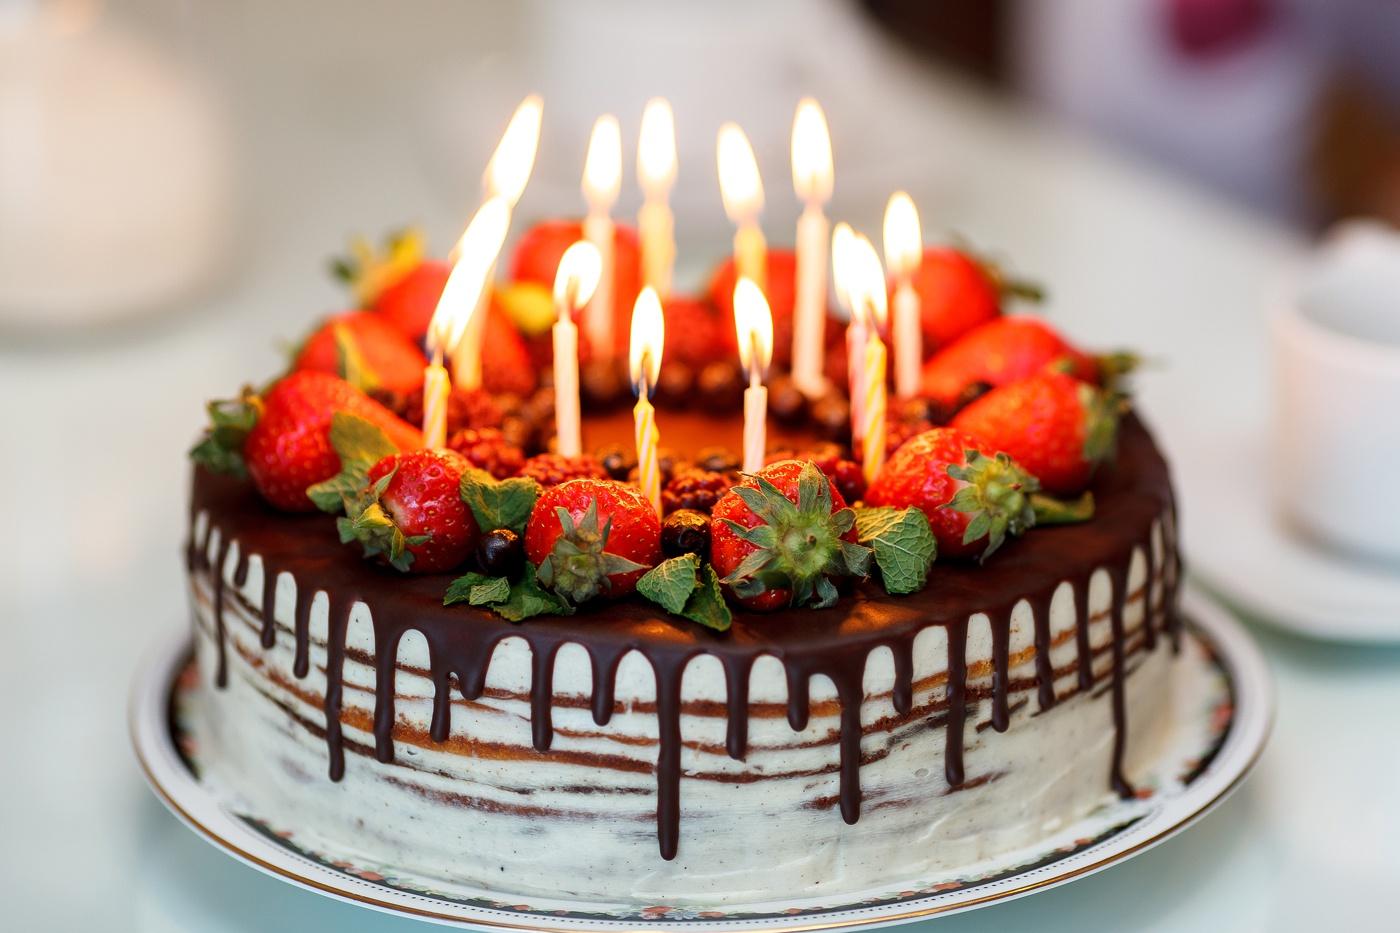 Картинки с тортом к дню рождения